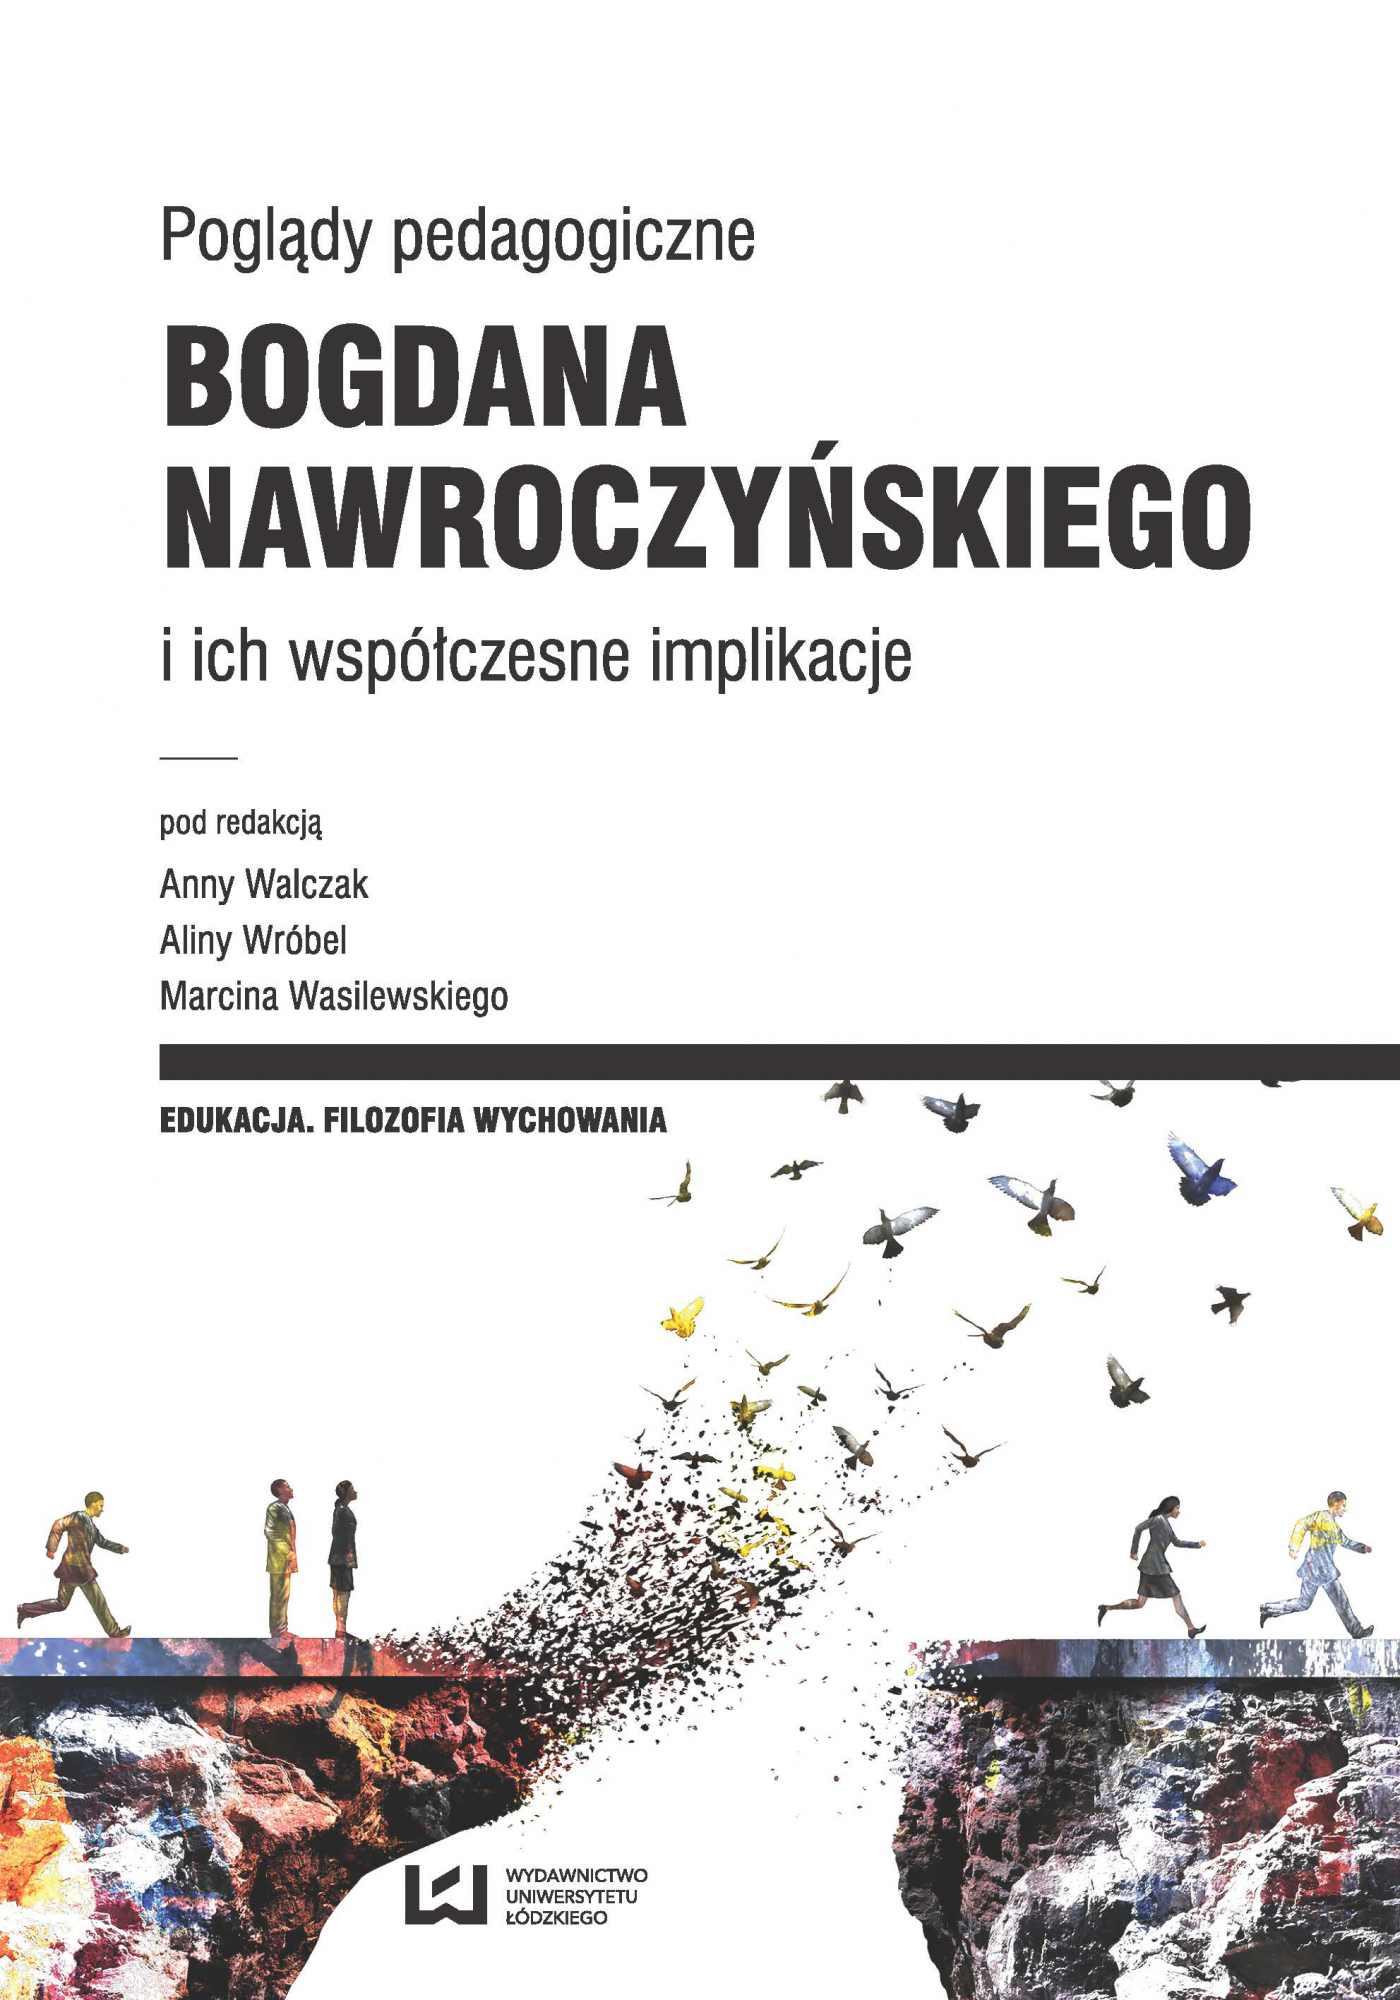 Poglądy pedagogiczne Bogdana Nawroczyńskiego i ich współczesne implikacje - Ebook (Książka PDF) do pobrania w formacie PDF